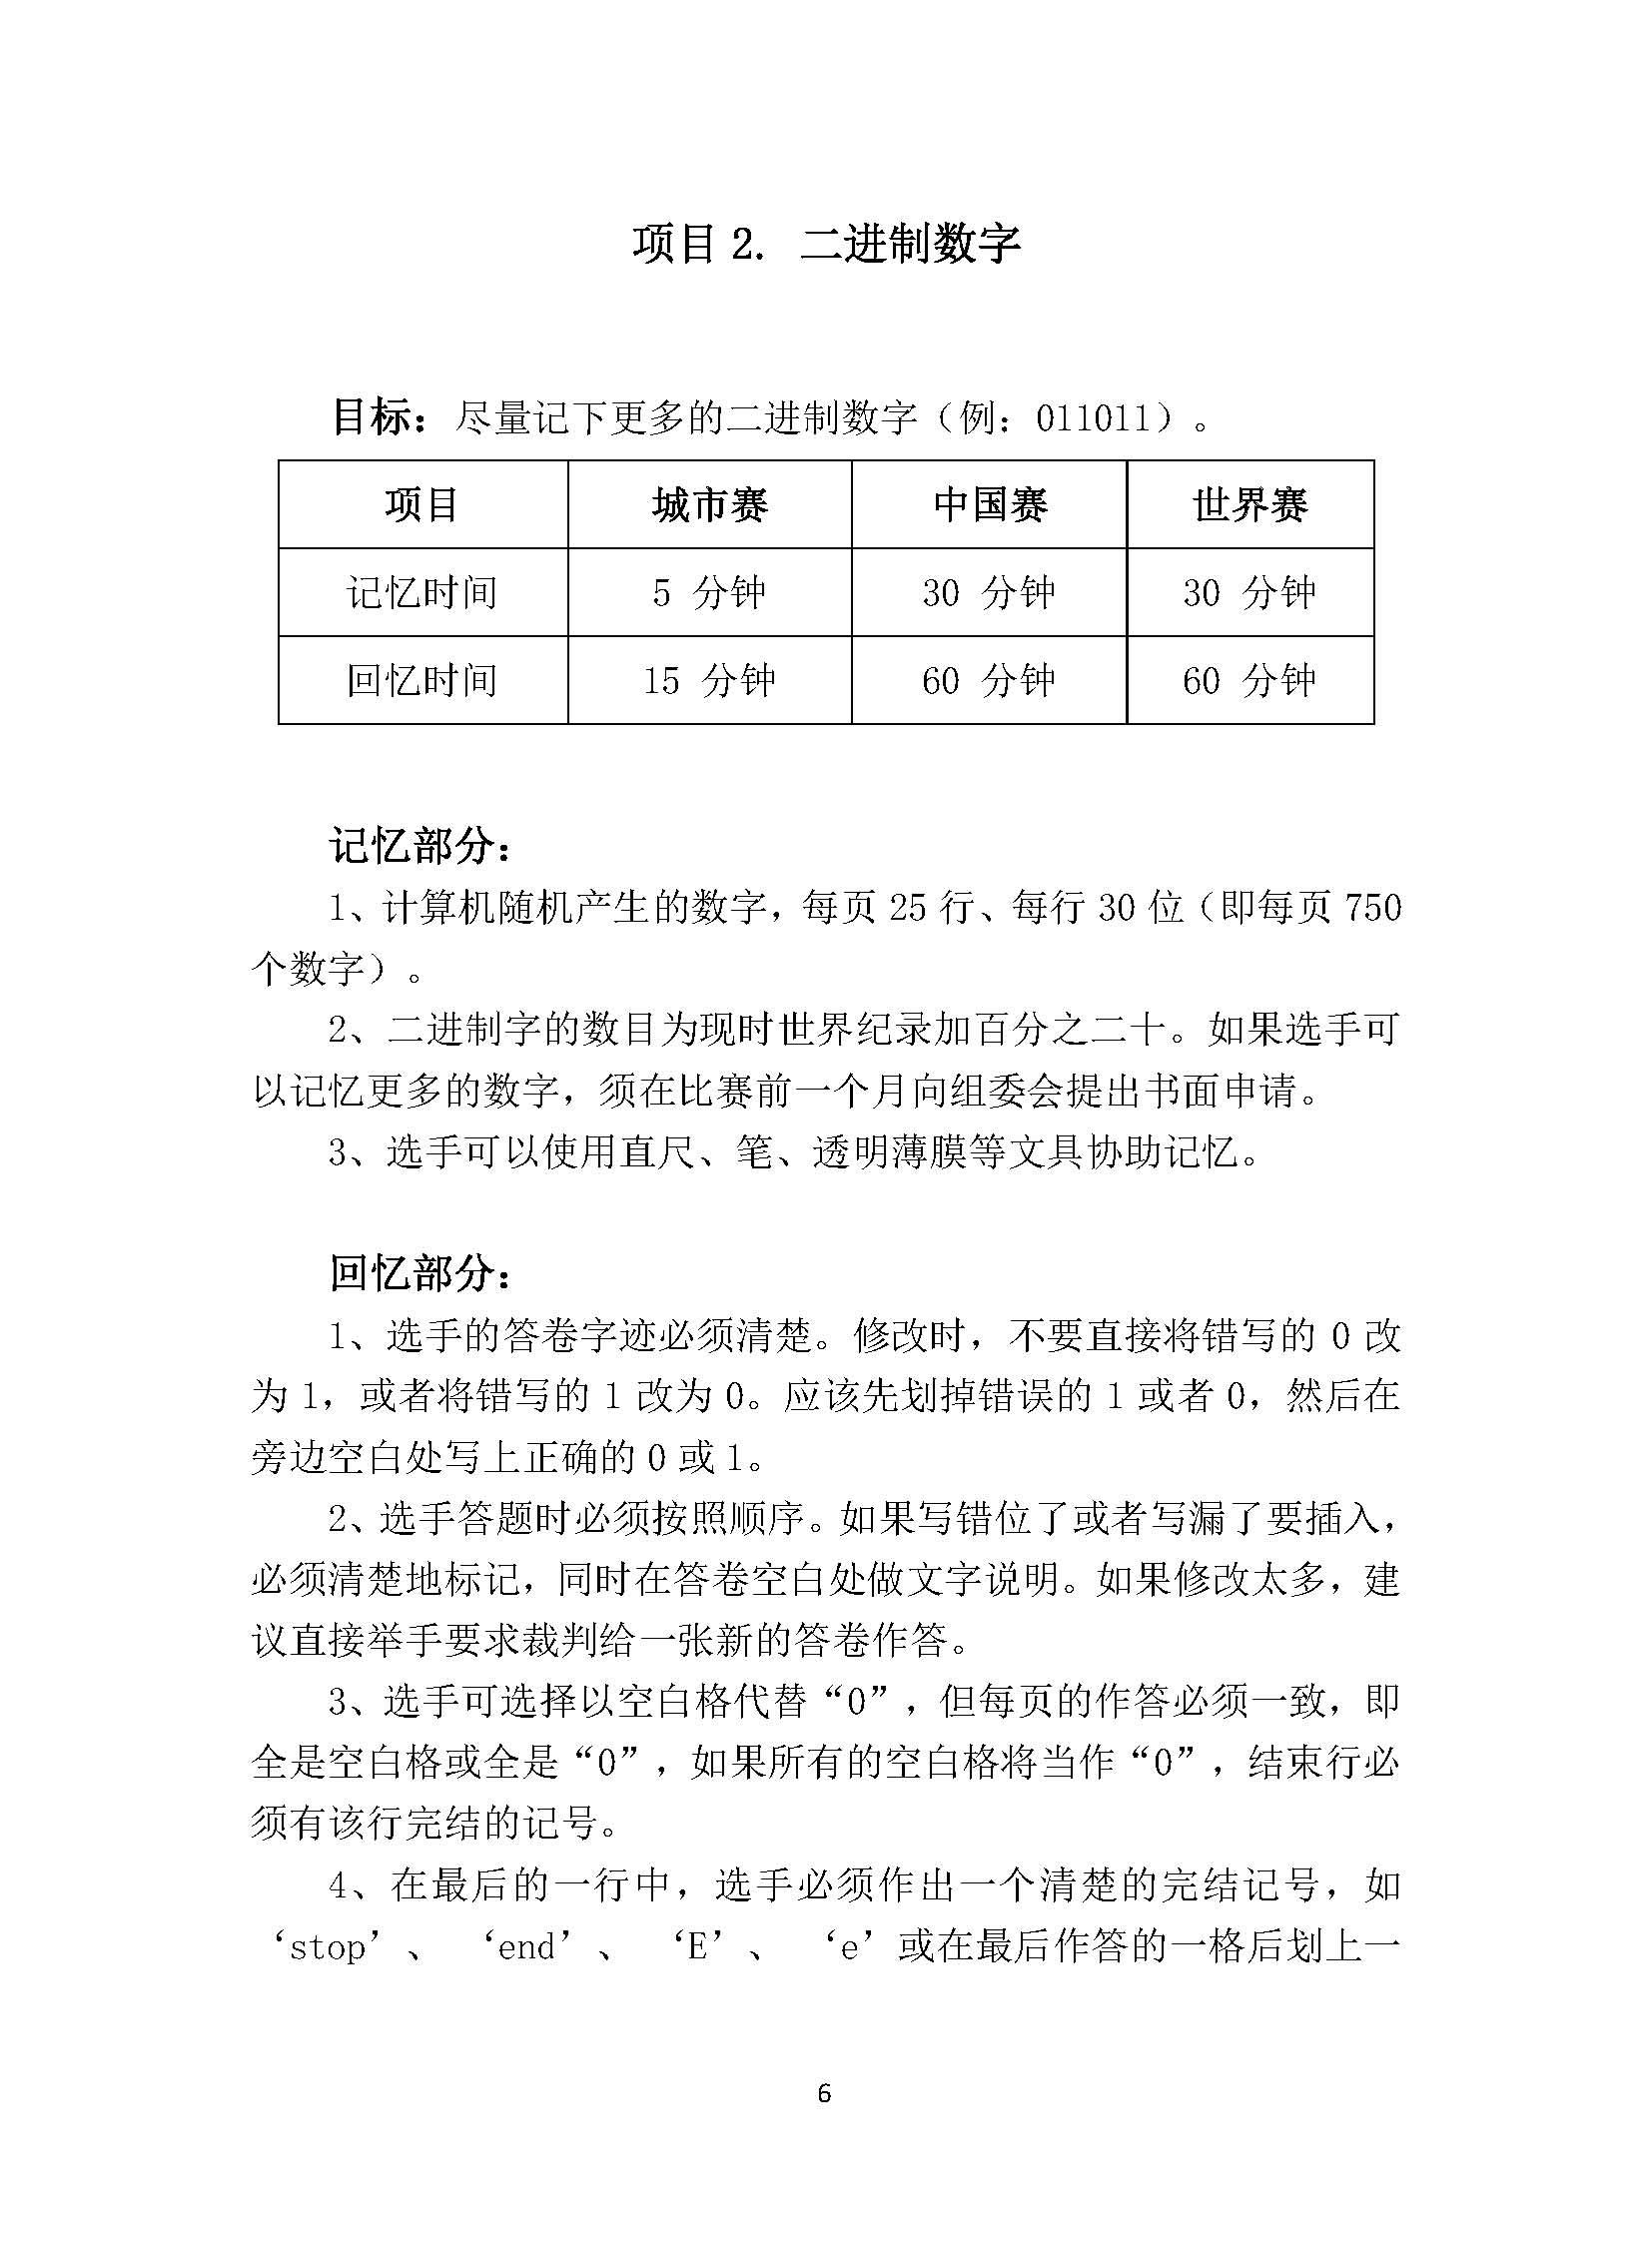 2019WMC选手训练手册-十大项目规则_页面_06